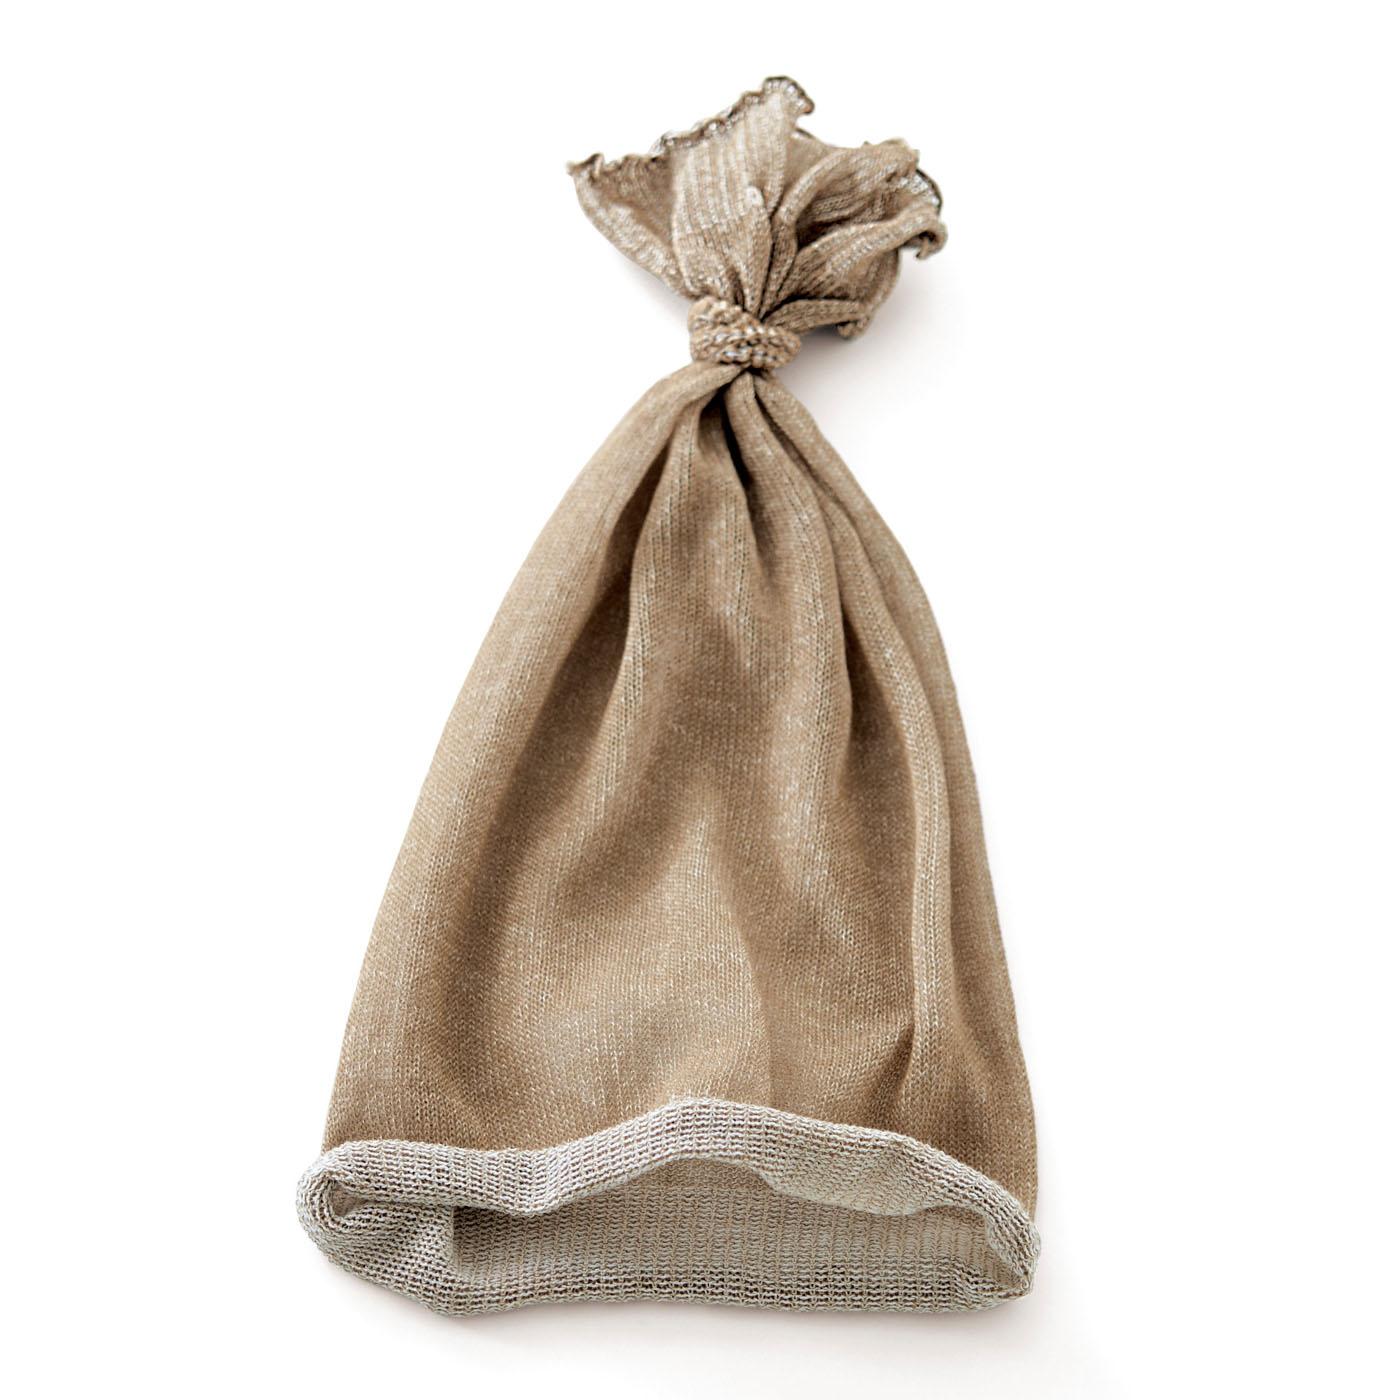 〈ベージュ〉髪を摩擦や乾燥からガードします。